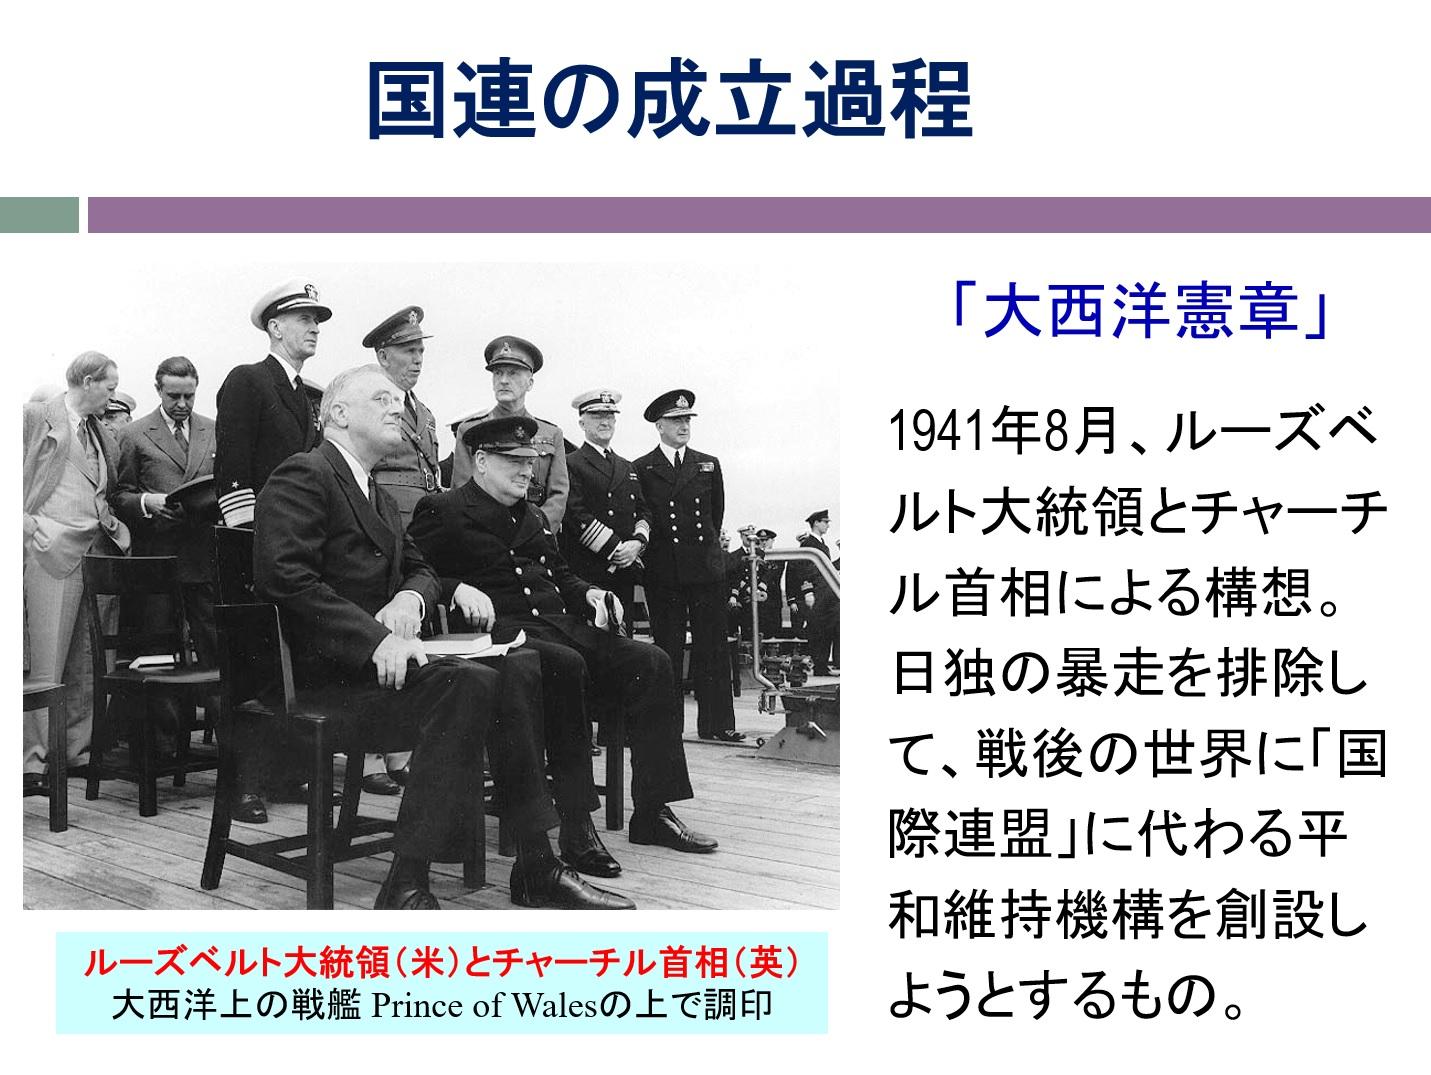 挿入画像03=国連を舞台とする米中の動向と日本